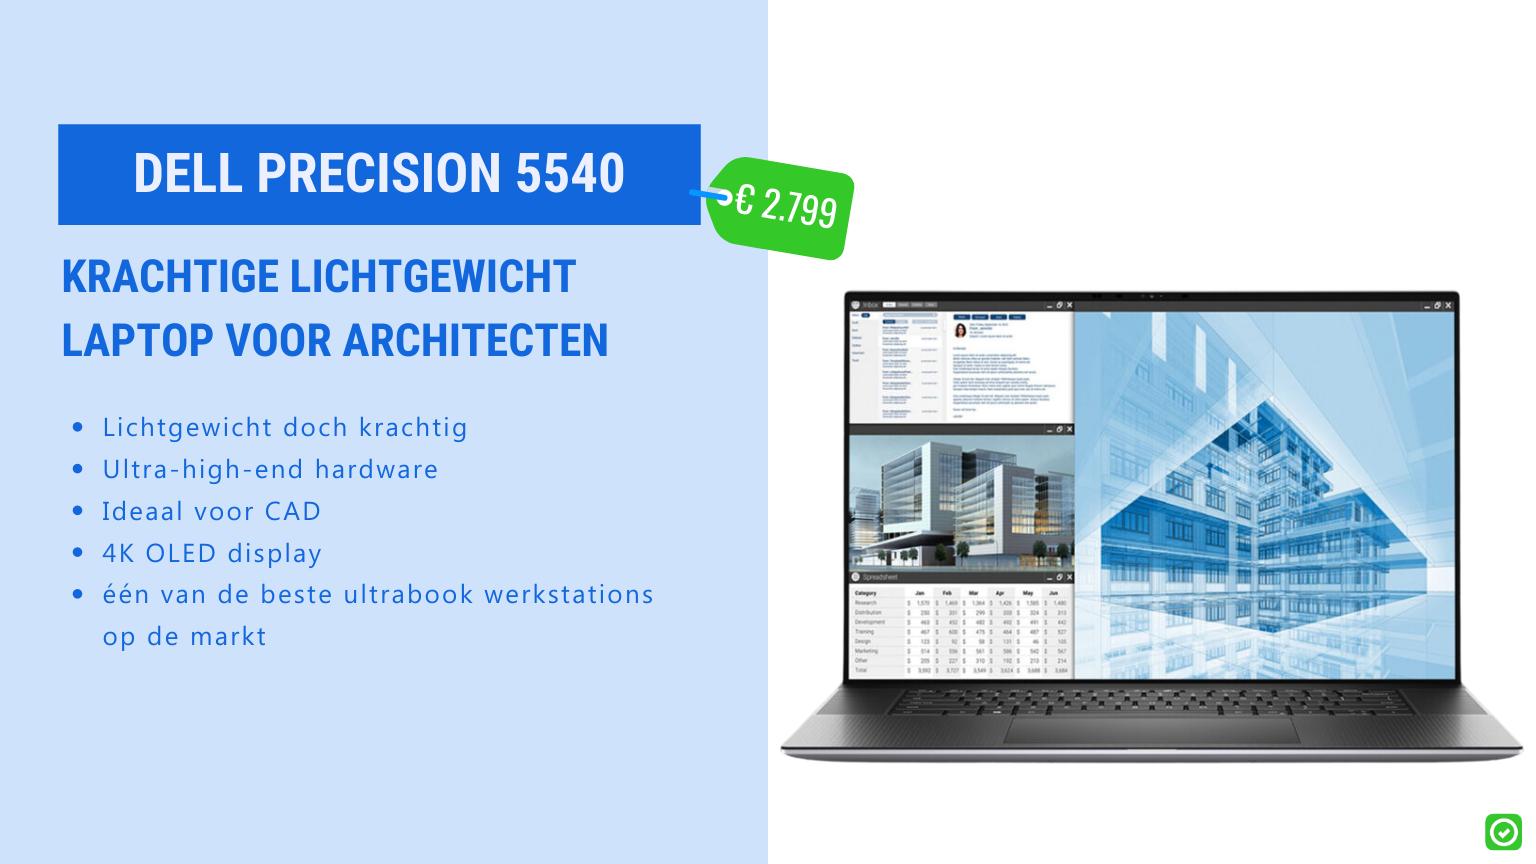 dell precision 5540 krachtige lichtegewicht laptop voor architecten